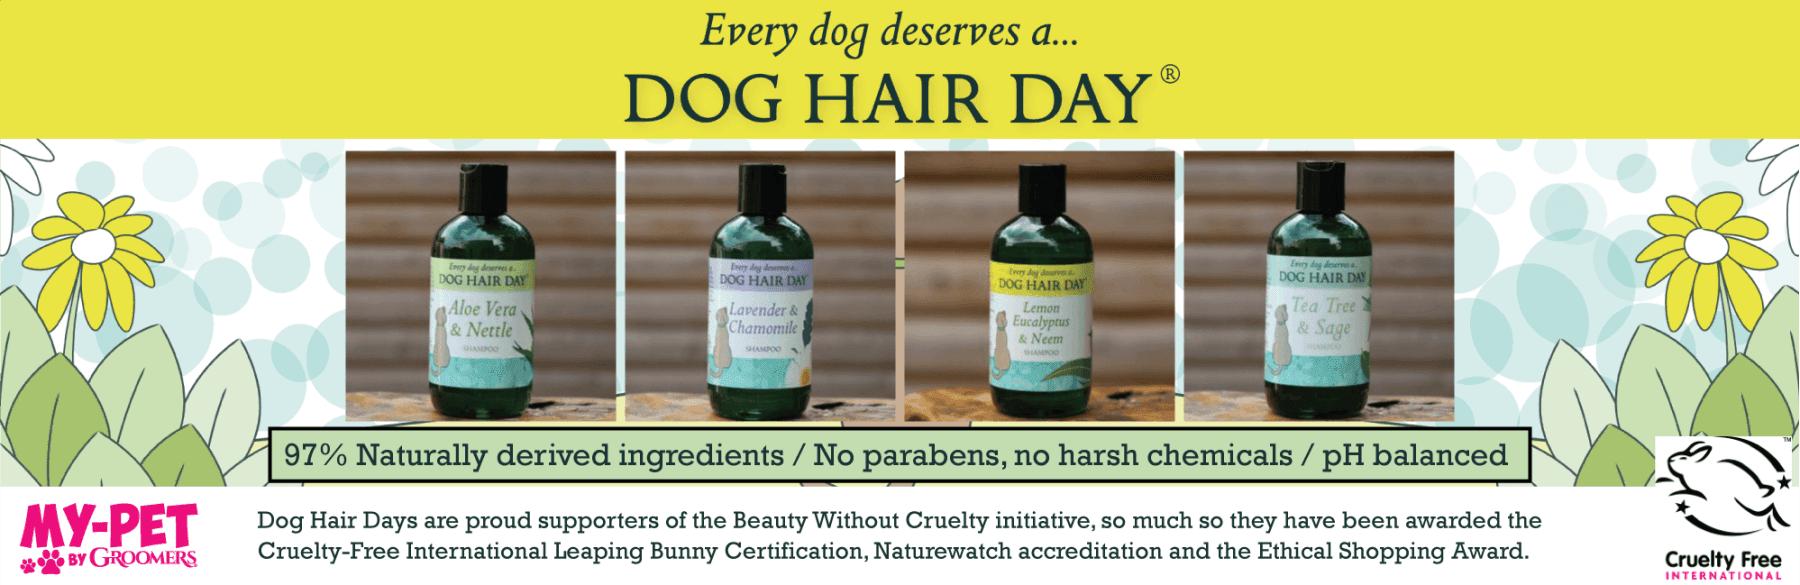 Dog Hair Day